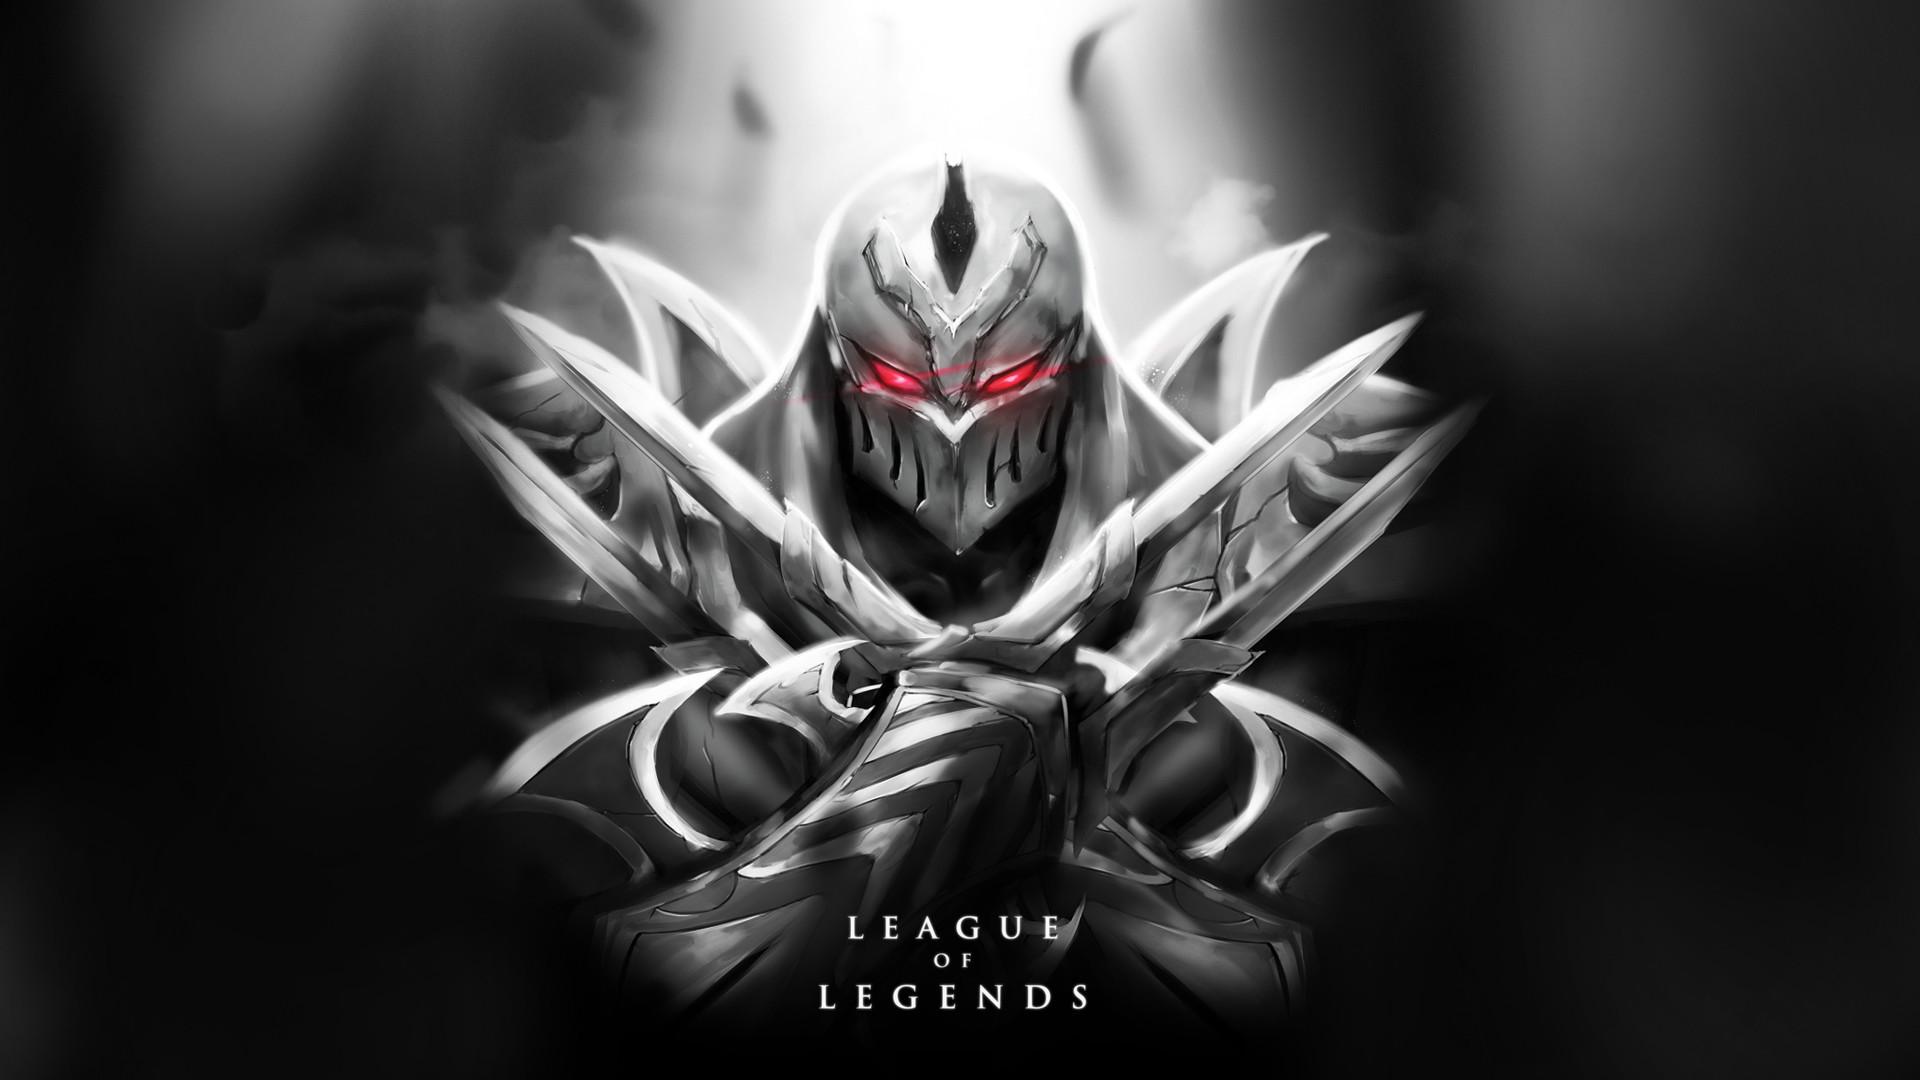 Res: 1920x1080, zed art champion league of legends